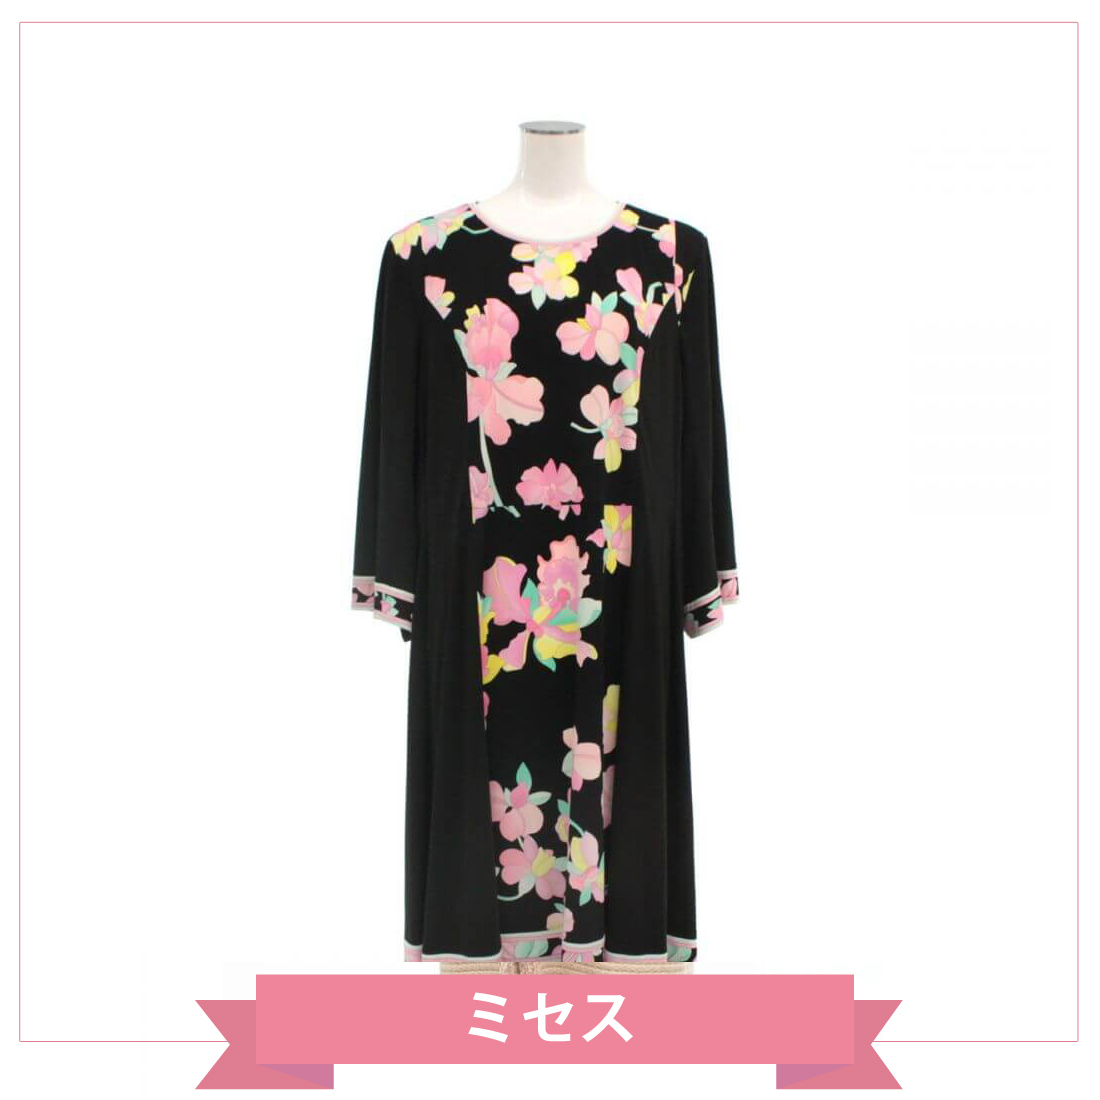 レオナール/花柄長袖ワンピース